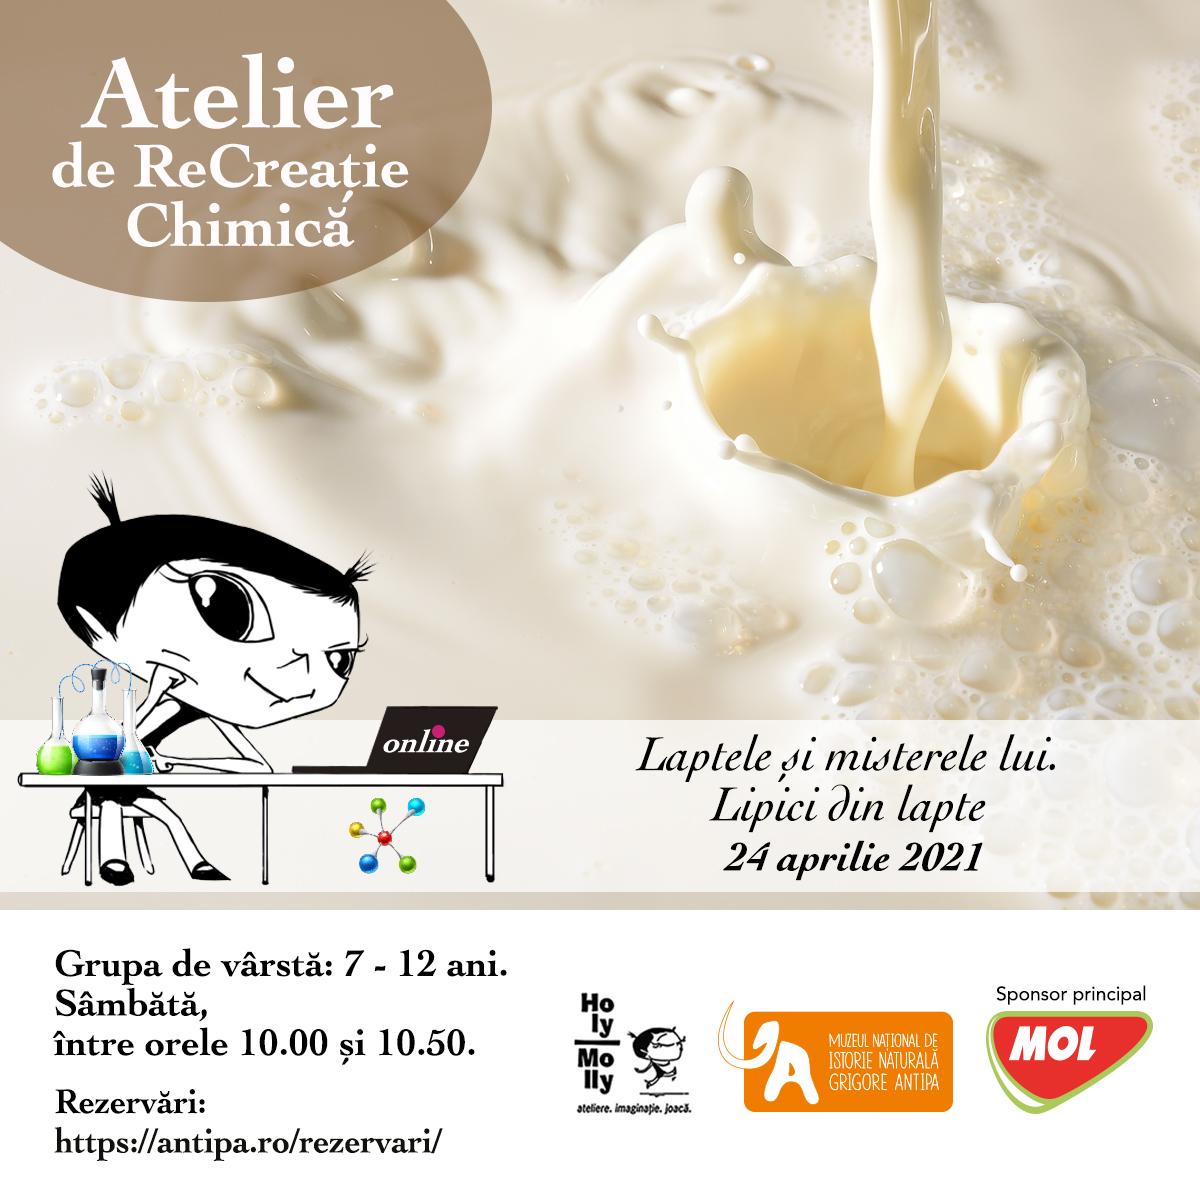 Atelier_ReCreatie Chimica_24_aprilie_Laptele_si_misterele_lui_Lipici_din_lapte